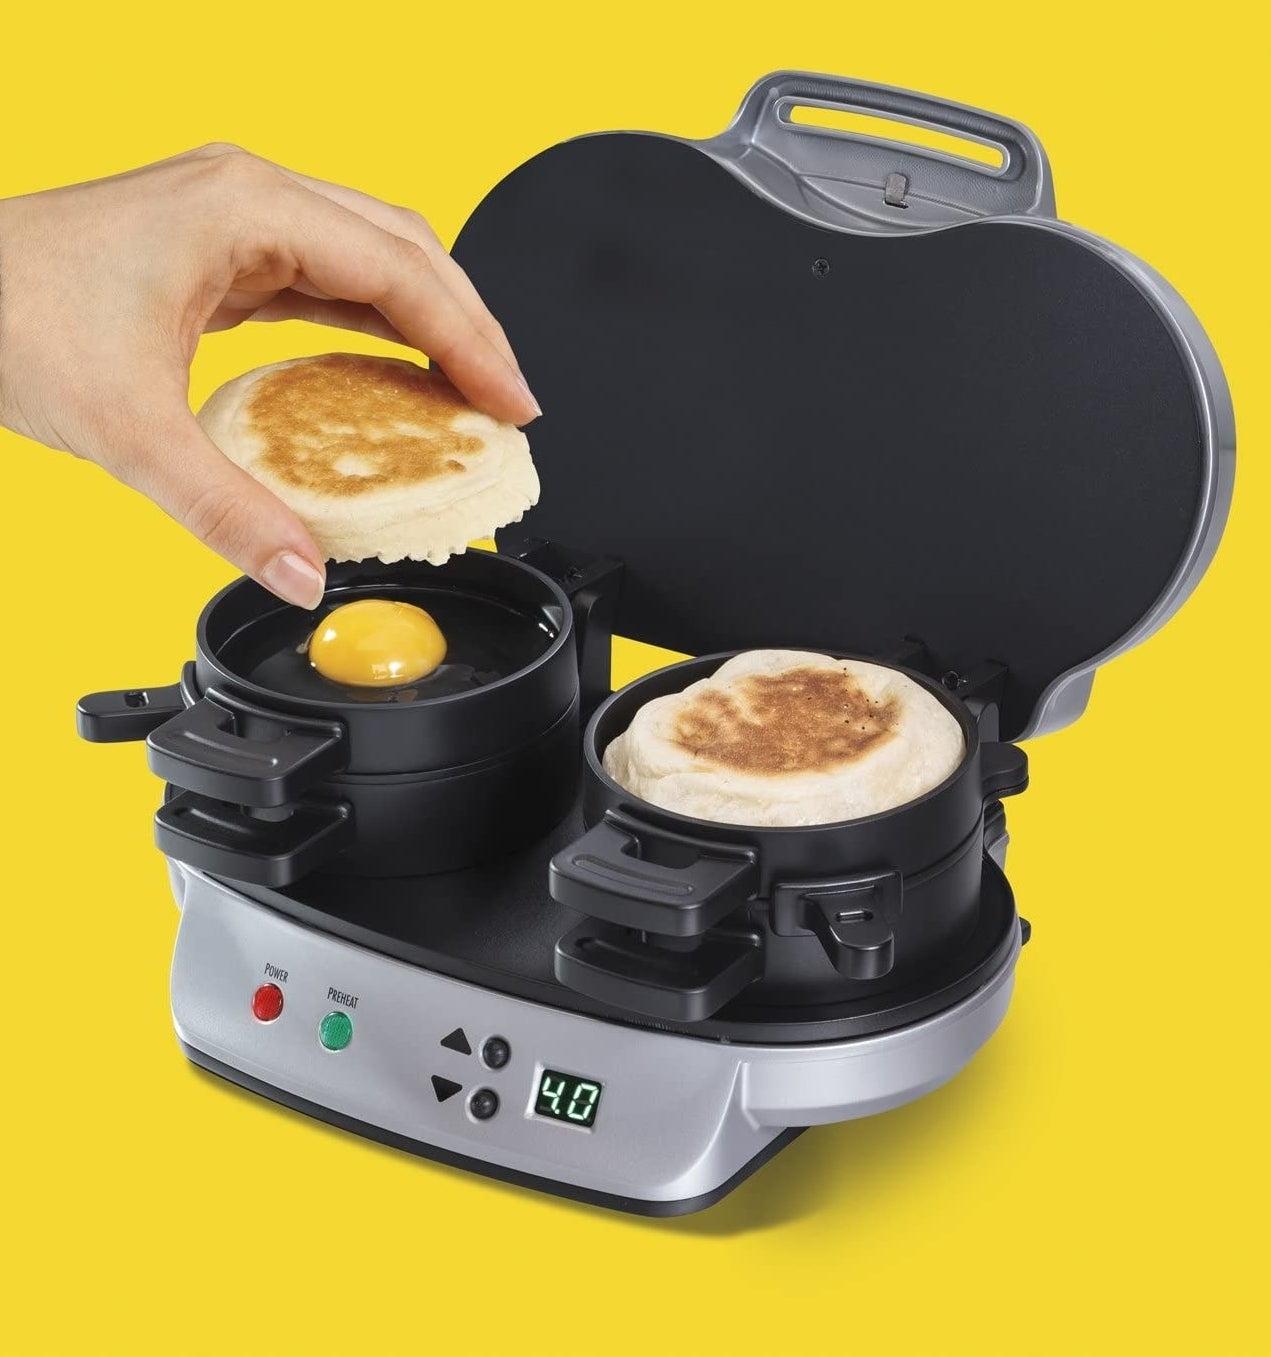 A person making a breakfast sandwich in the breakfast sandwich maker